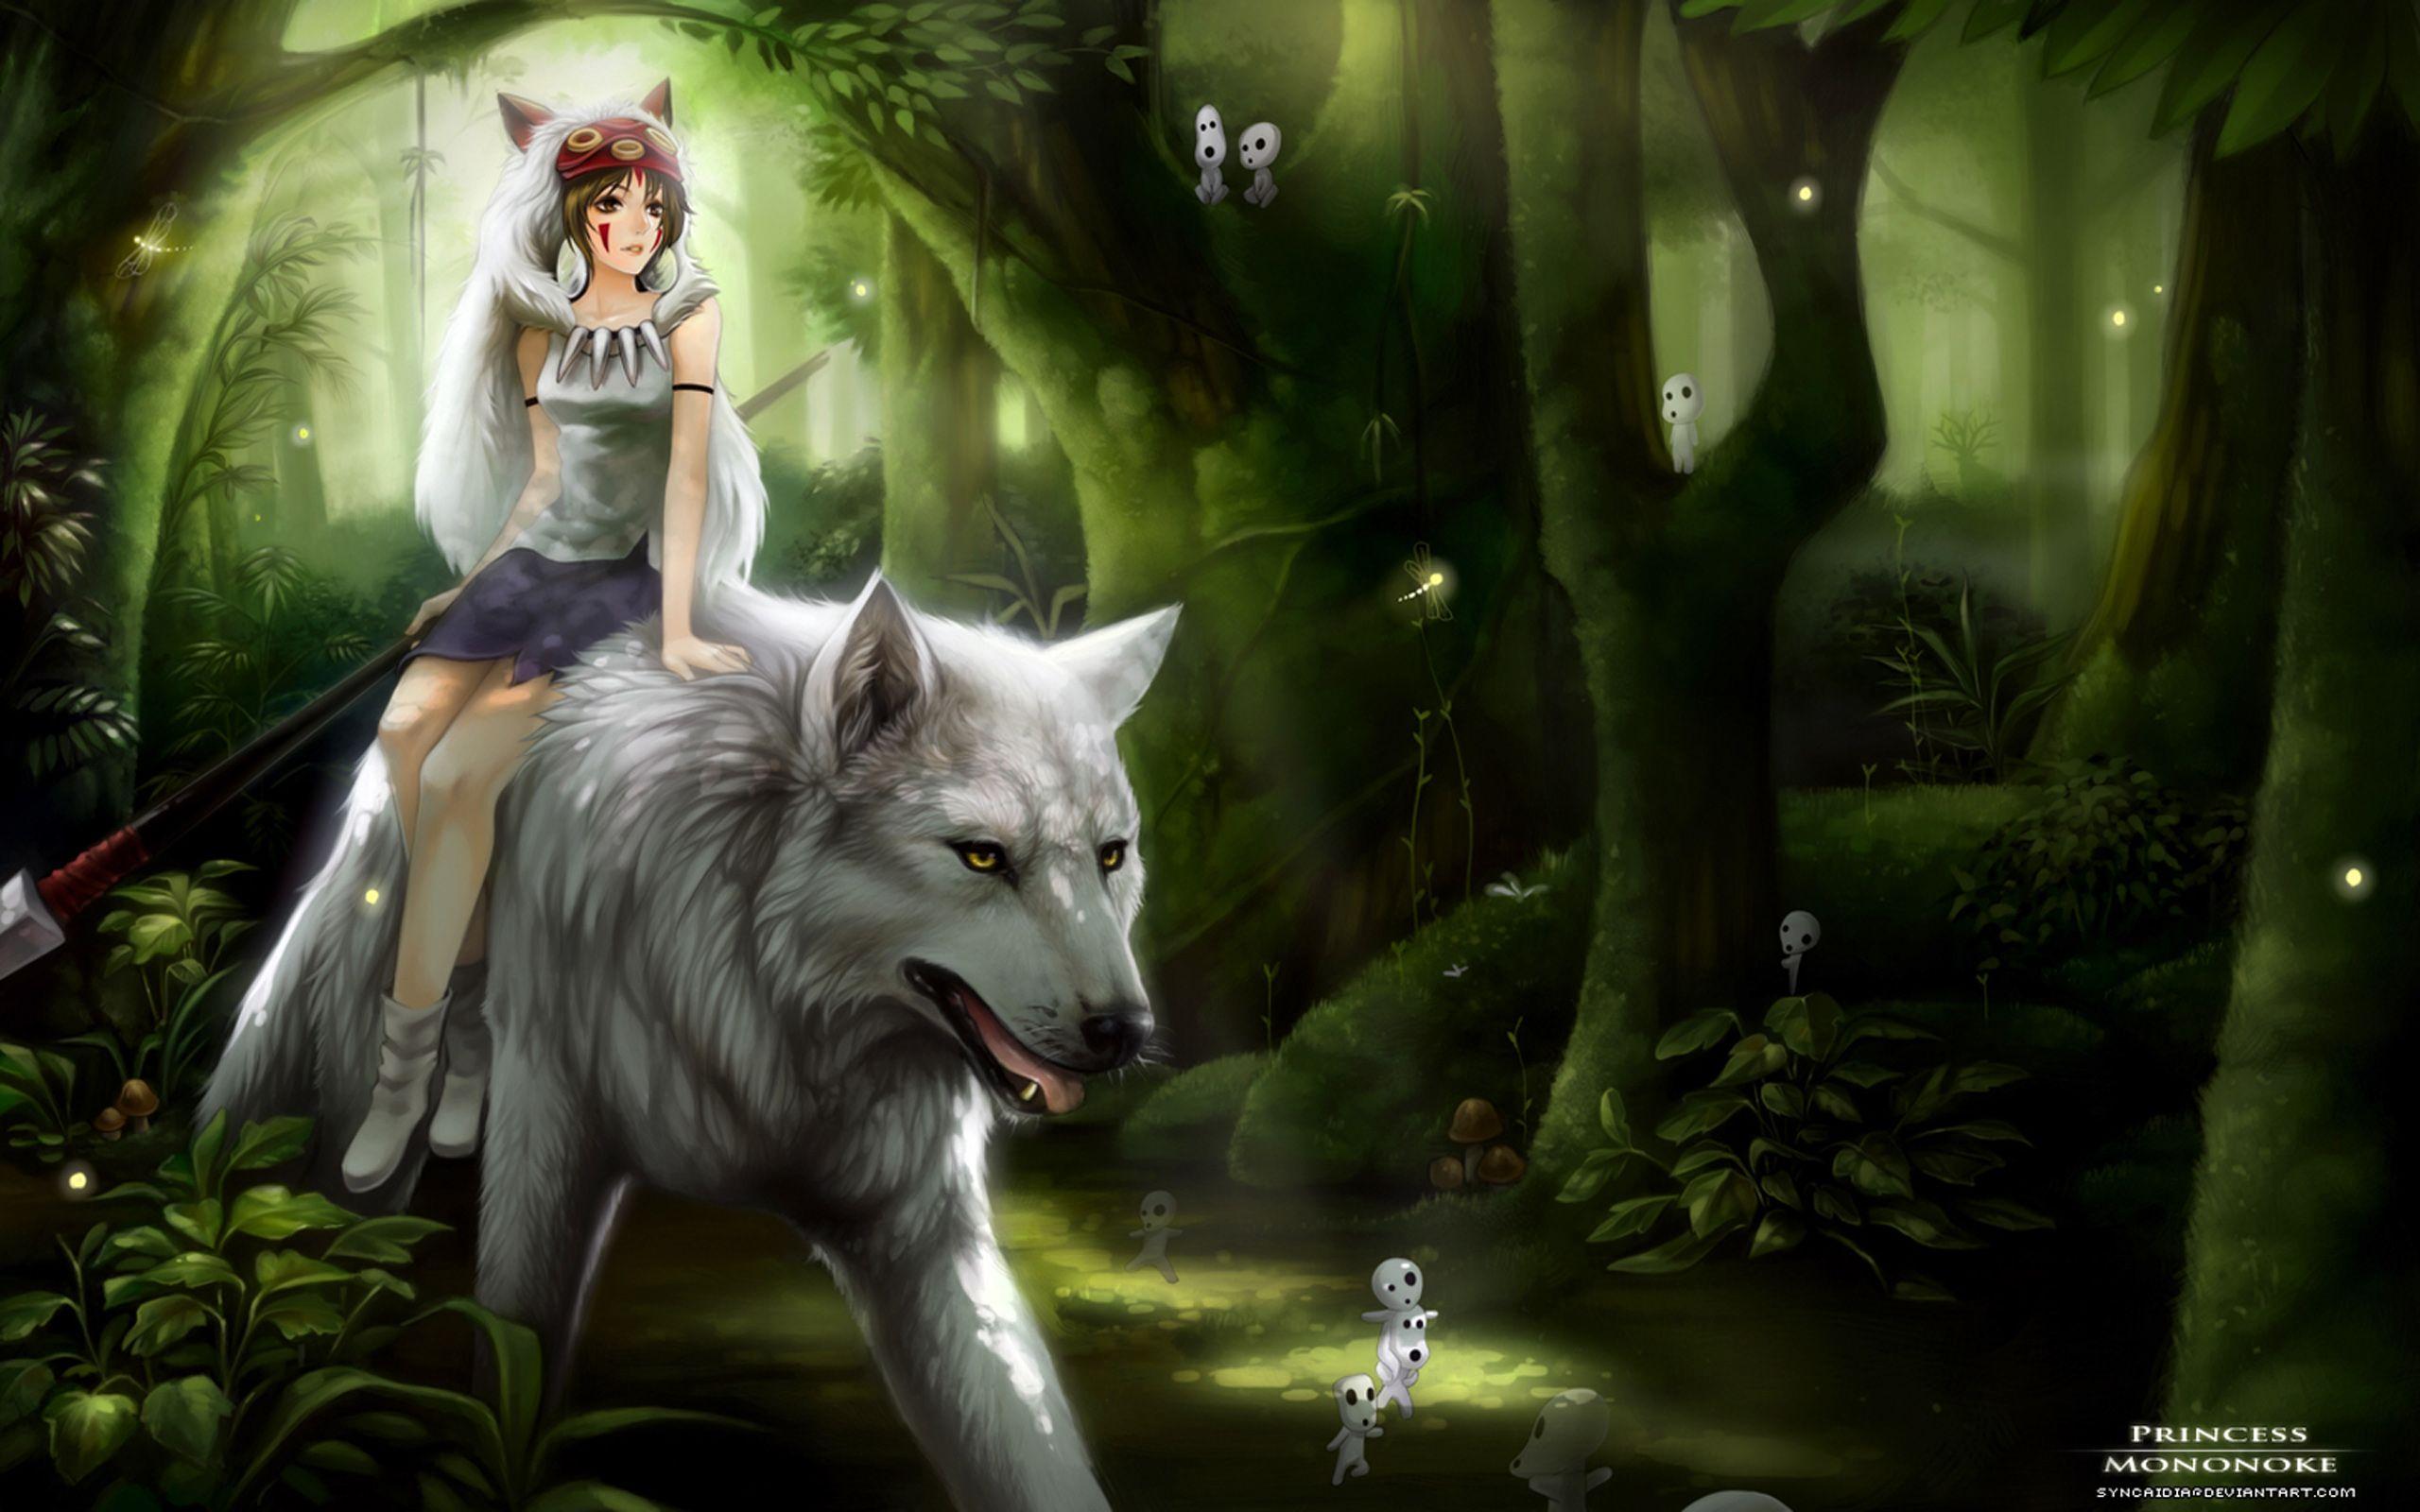 Mononoke Hime Princess Mononoke Princess Mononoke Wallpaper Anime Princess